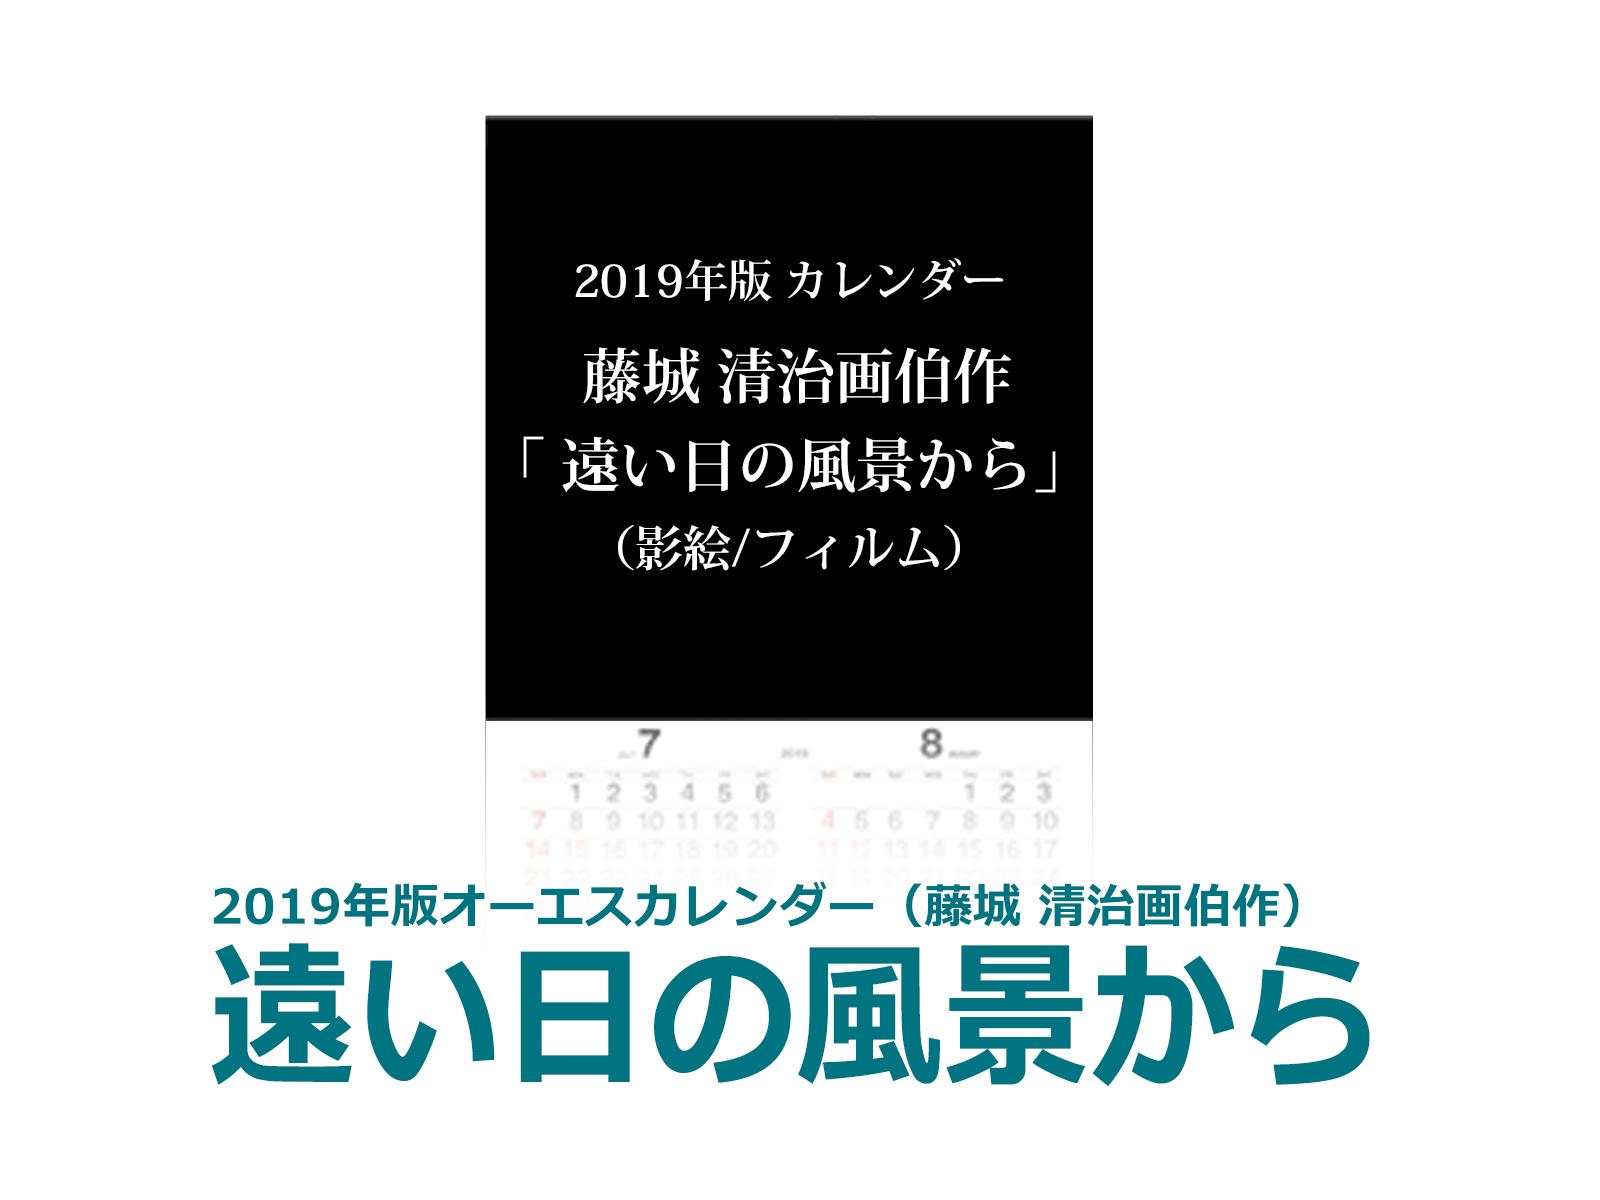 2019年版オーエスカレンダー「遠い日の風景から(藤城 清治画伯作)」